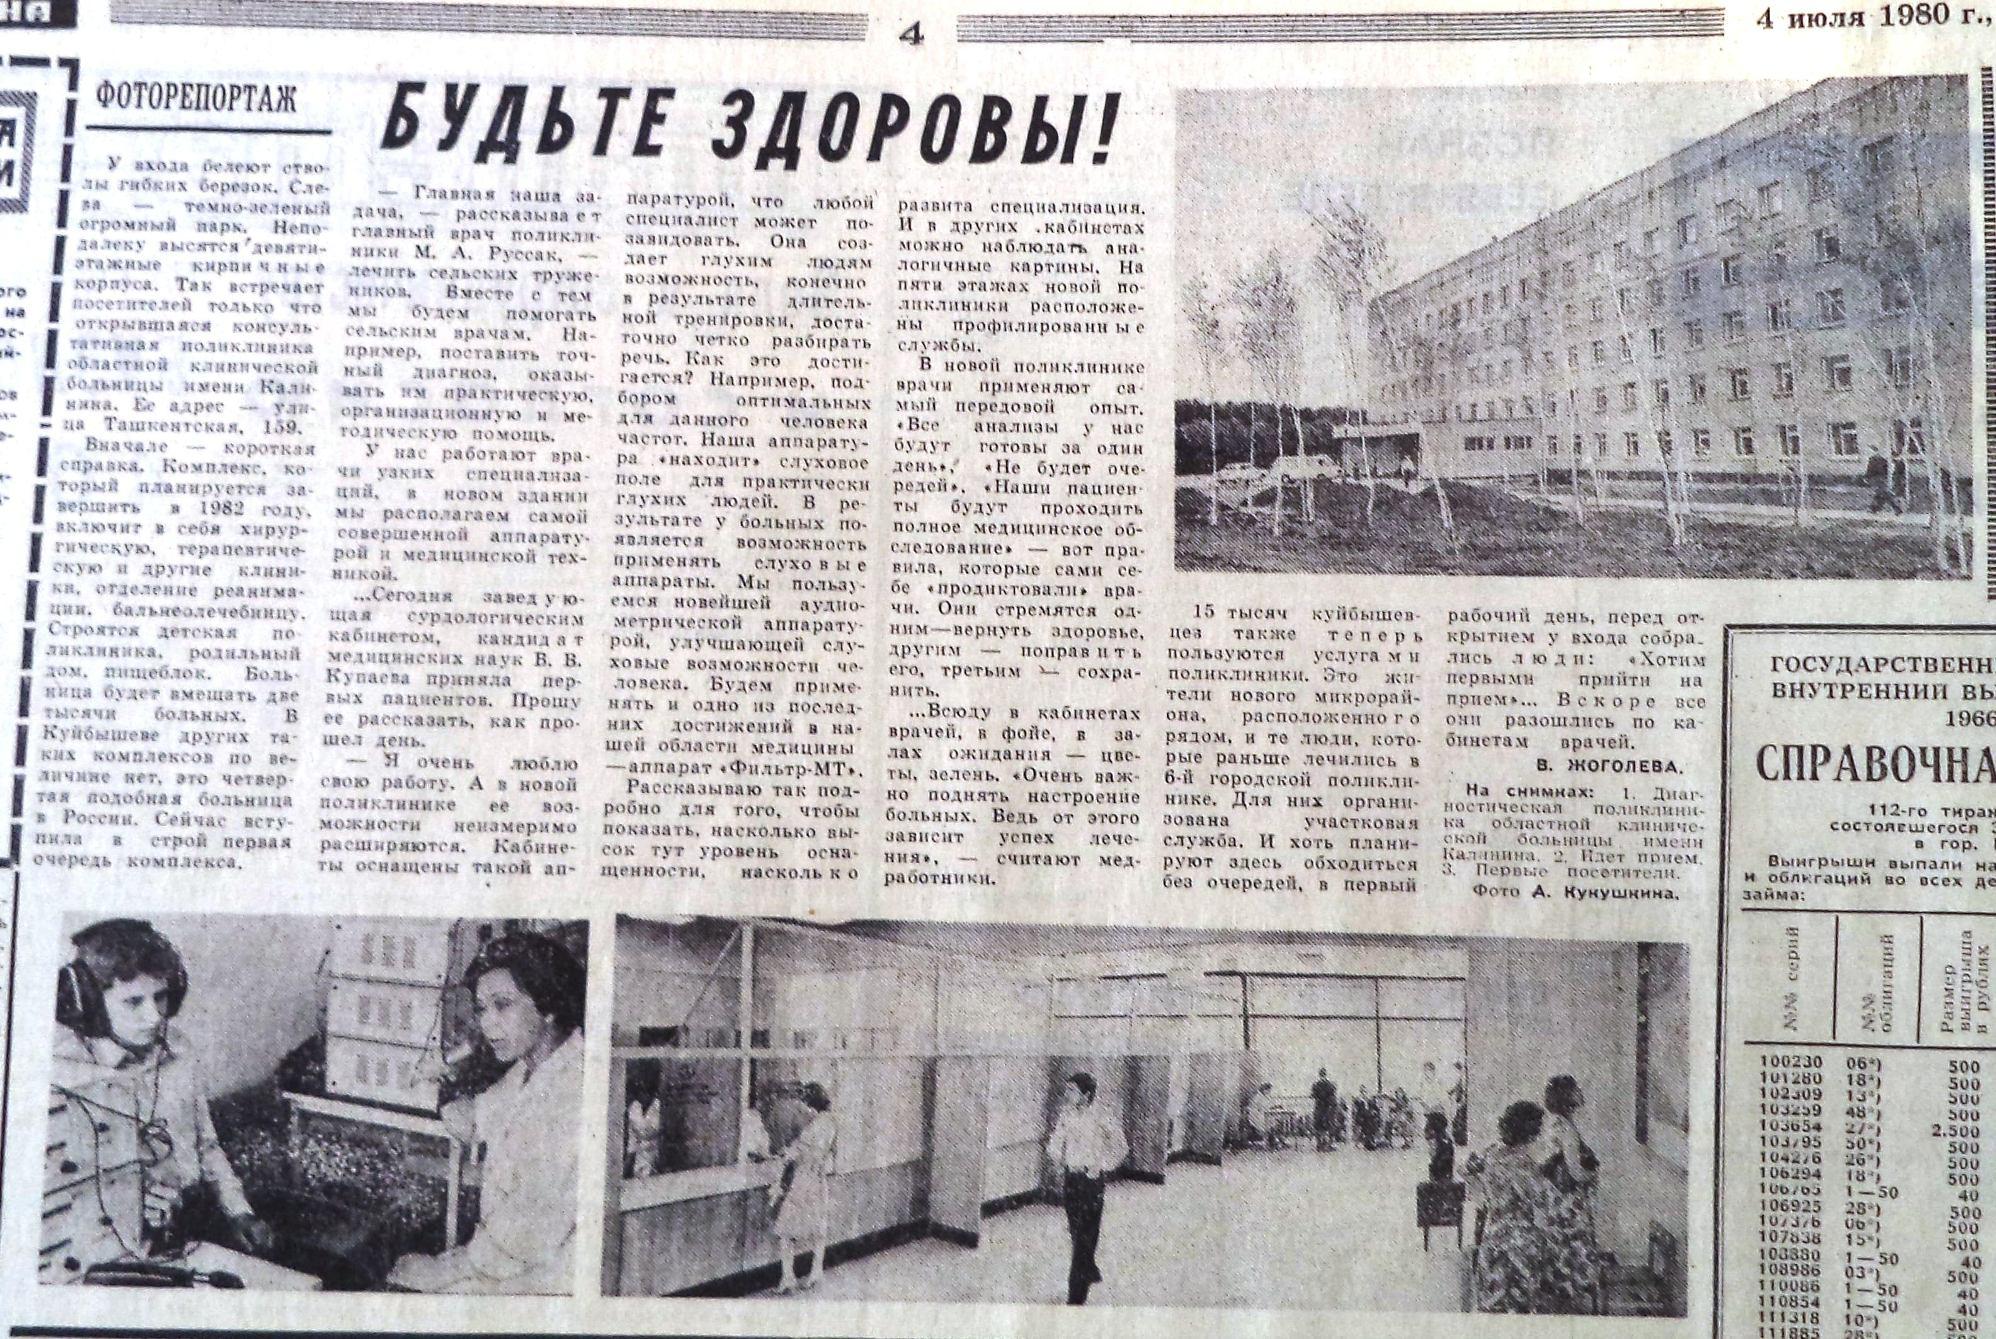 Ташкентская-ФОТО-64-ВКа-1980-07-04-открытие обл. клин. б-цы-min